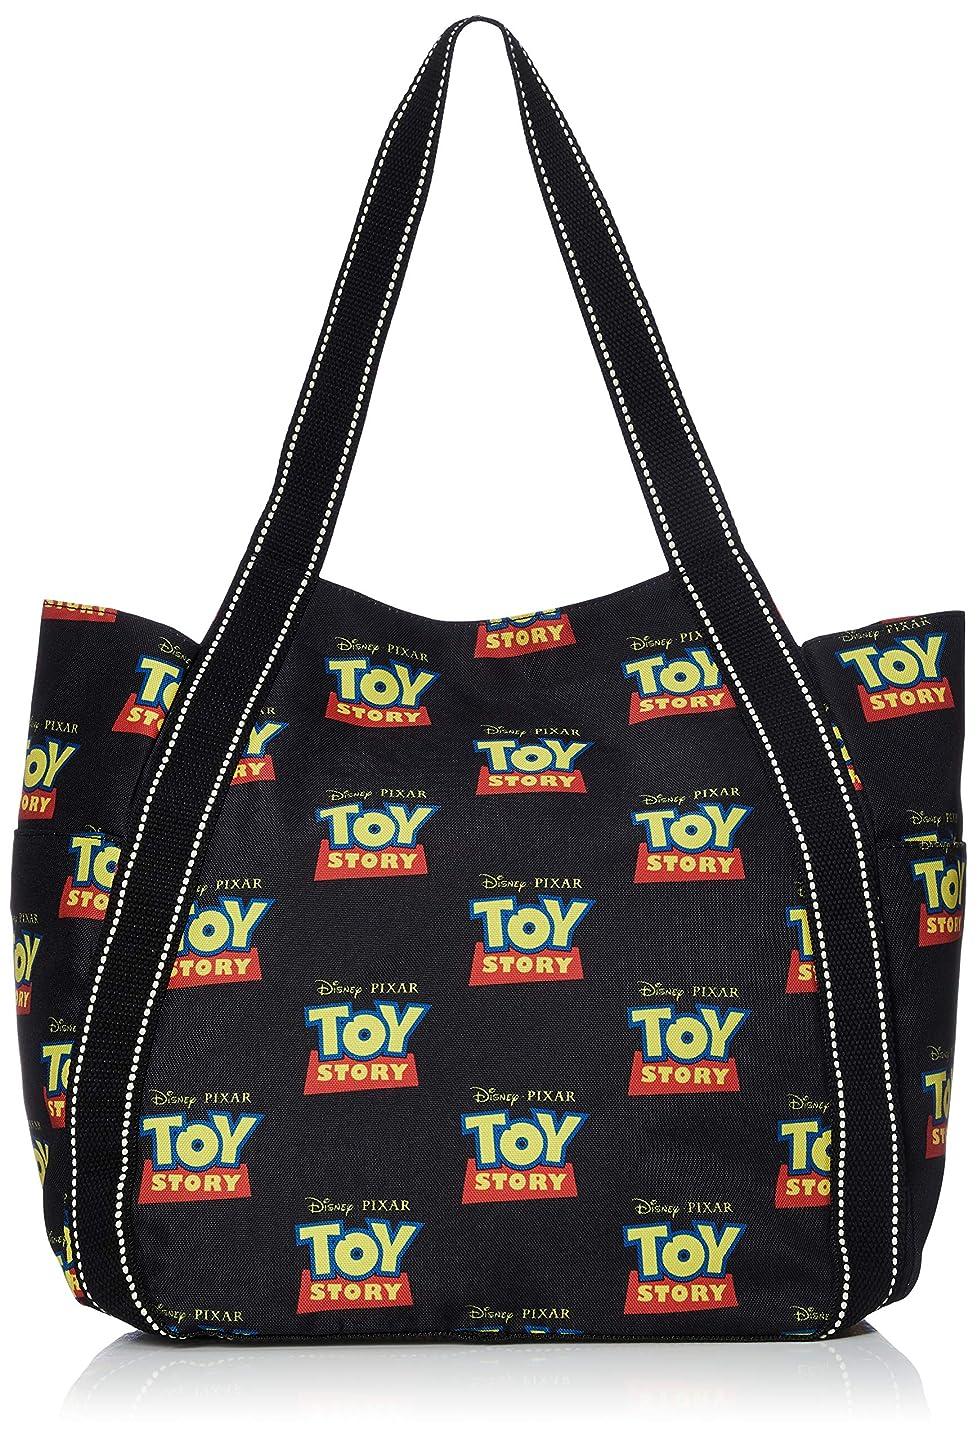 技術ヒットチャンス[ディズニー] トートバッグ バルーントート 鞄 トイストーリー メンズ レディース 男女兼用 マグネット A3サイズ DPTS-01 DPTS-01